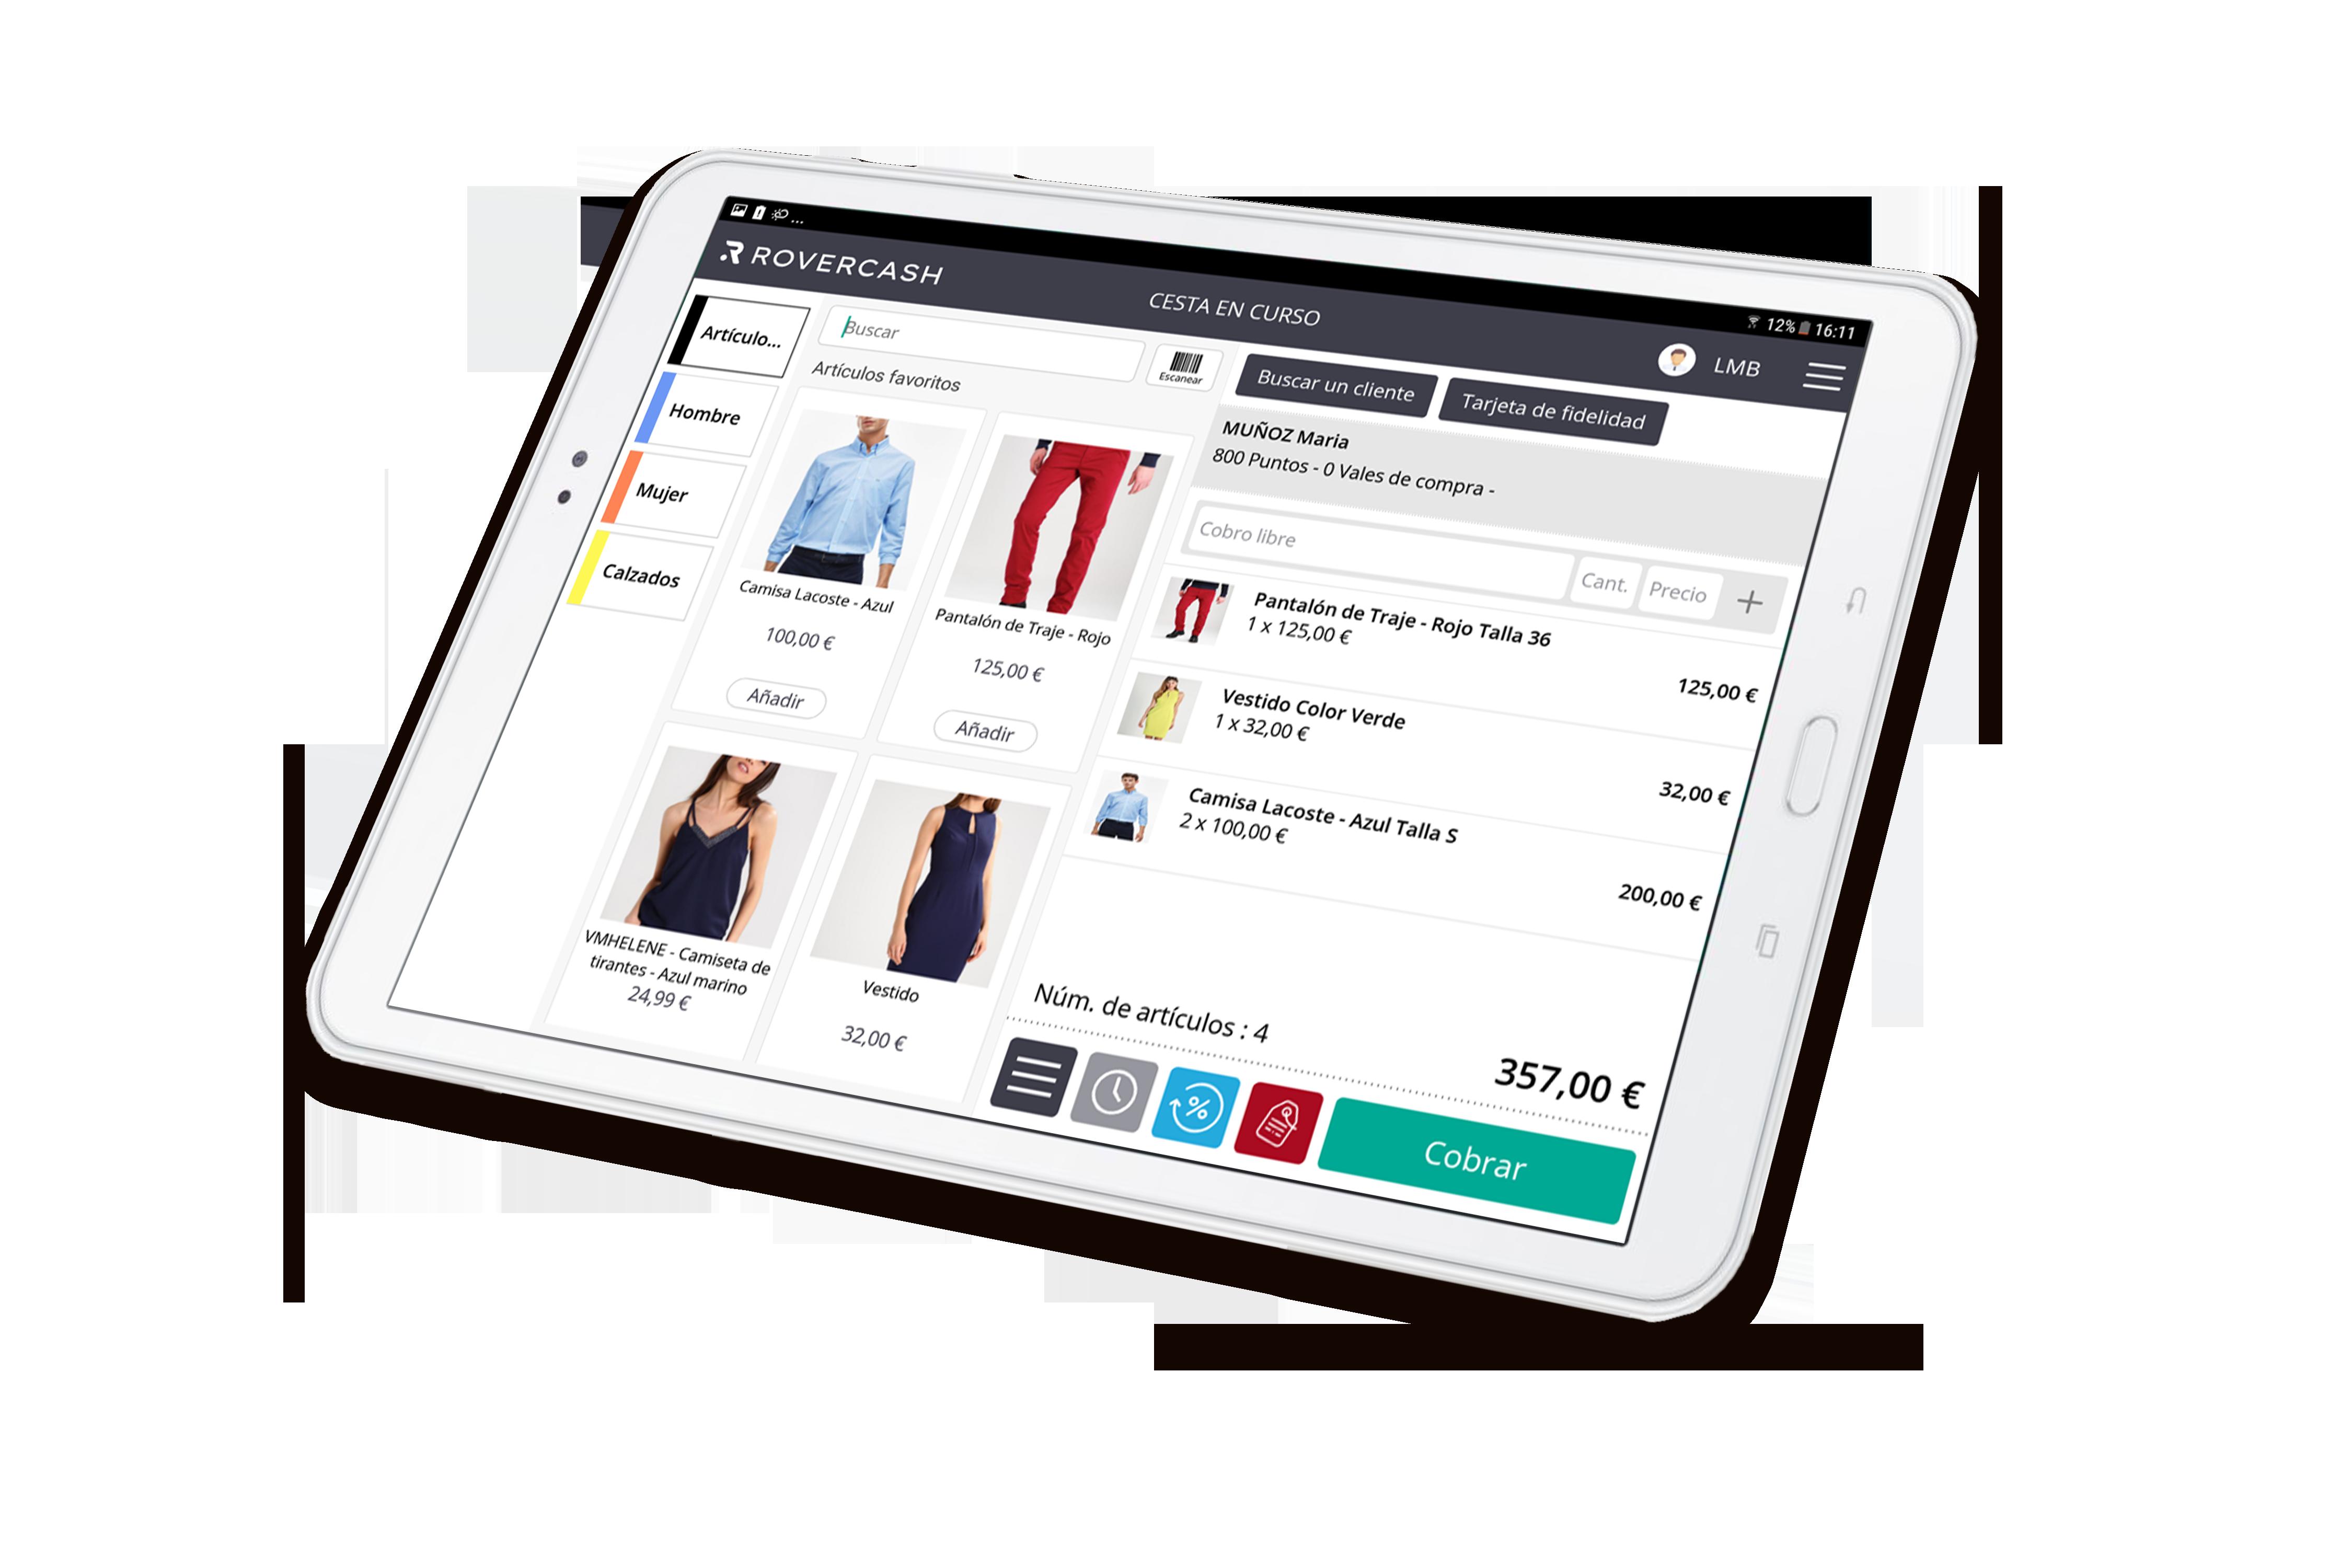 La aplicación de caja registradora que le permite vender productos en una tableta.